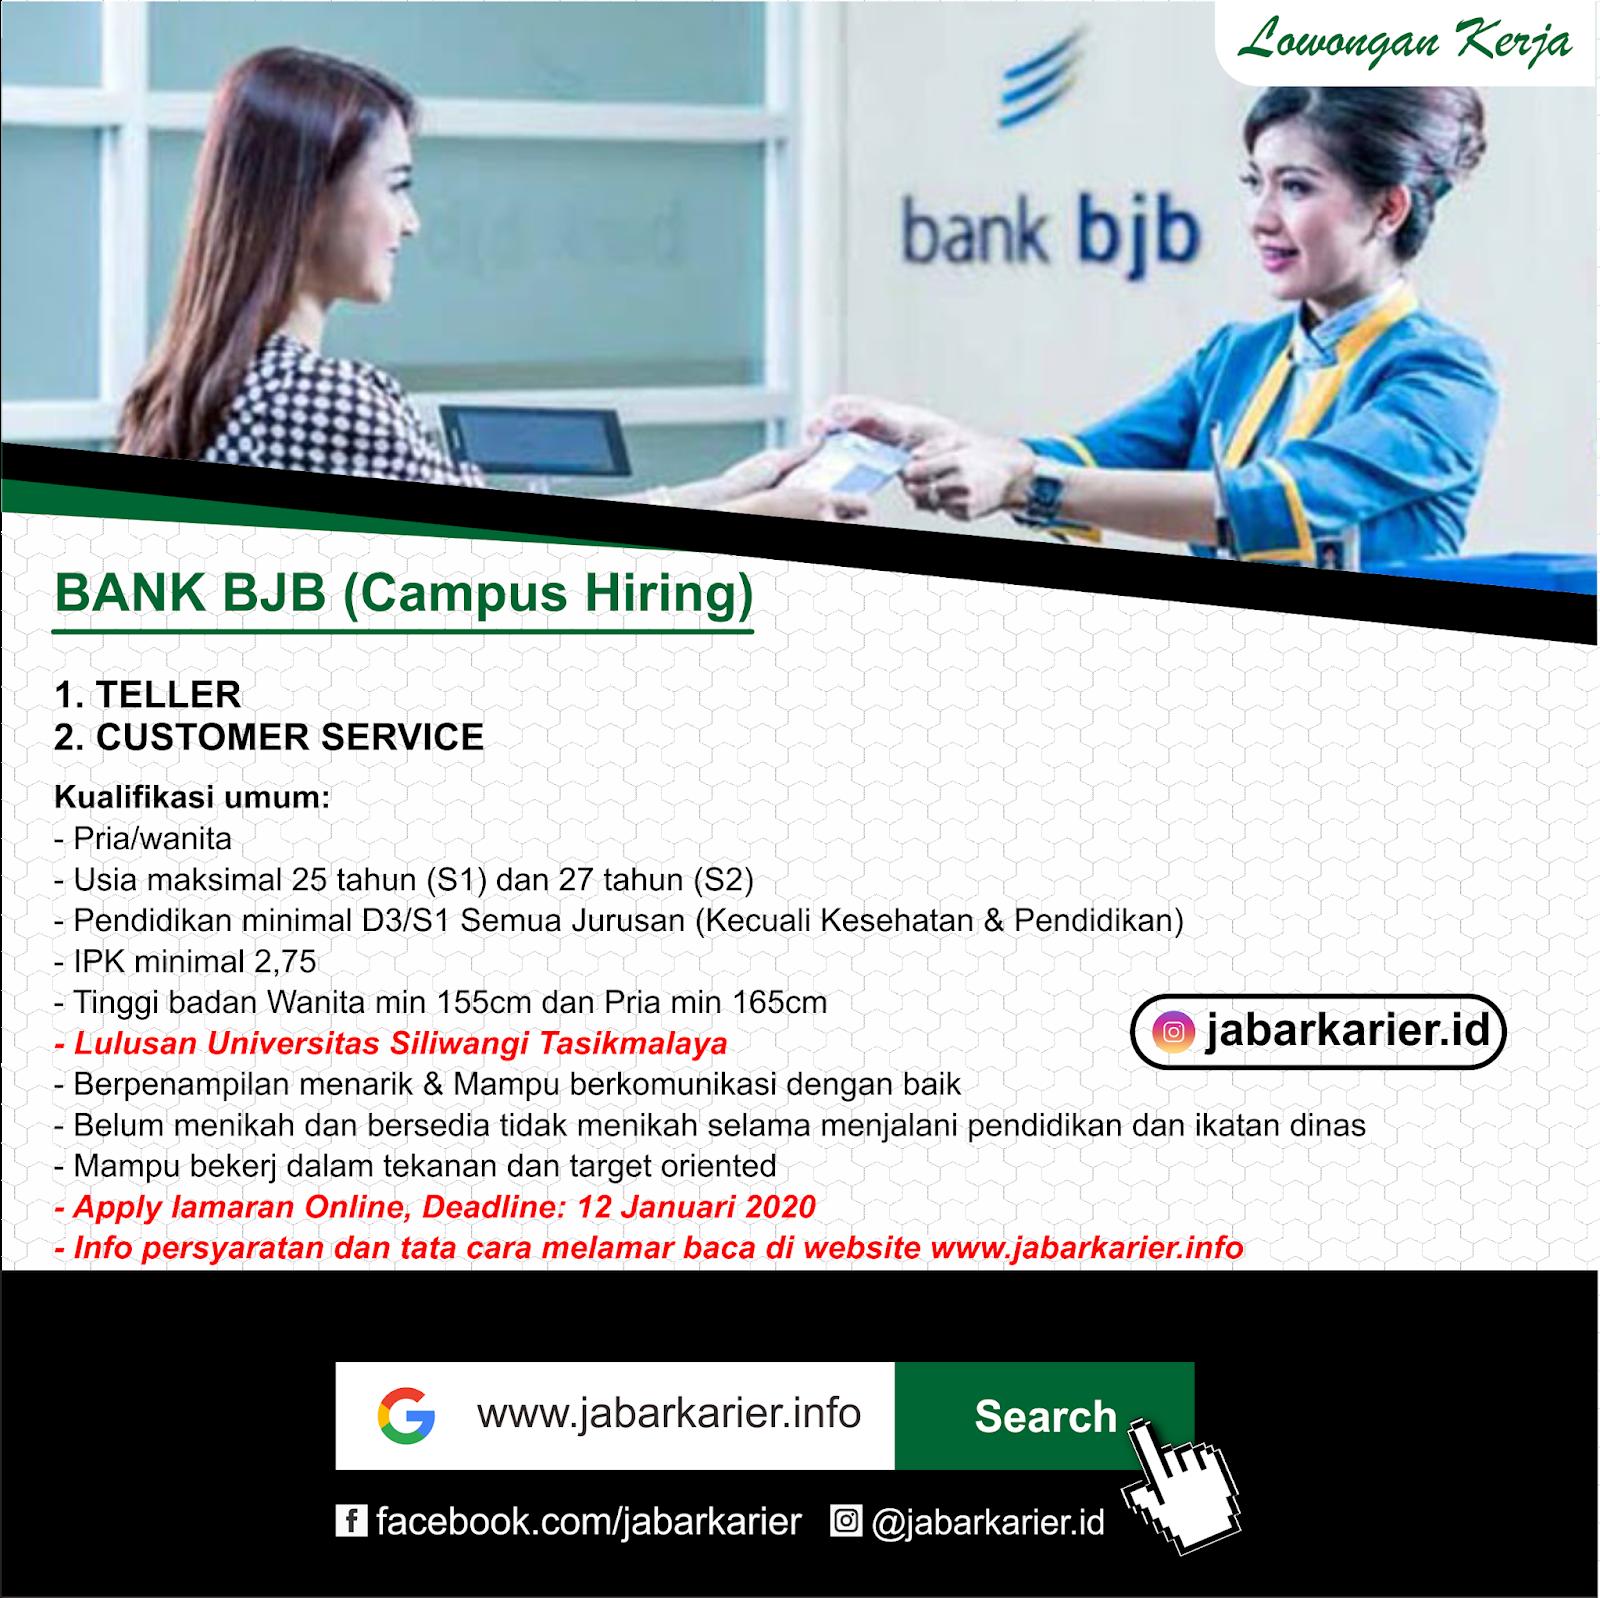 Lowongan Teller Customer Service Bank Bjb Terbaru Januari 2020 Lowongan Kerja Terbaru Tahun 2020 Informasi Rekrutmen Cpns Pppk 2020